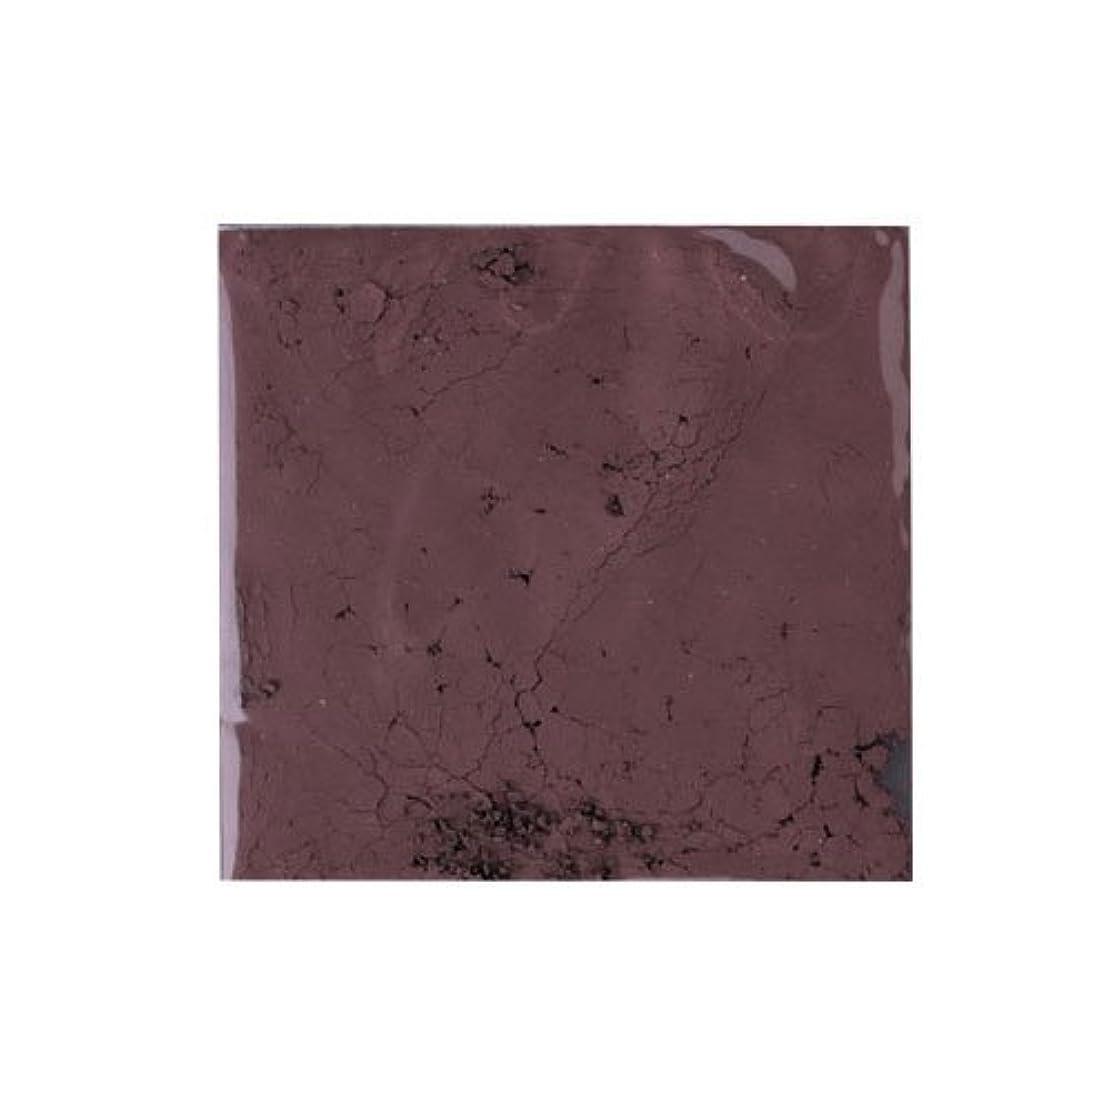 タバコ謎案件ピカエース ネイル用パウダー ピカエース カラーパウダー 着色顔料 #785 チョコレートブラウン 2g アート材